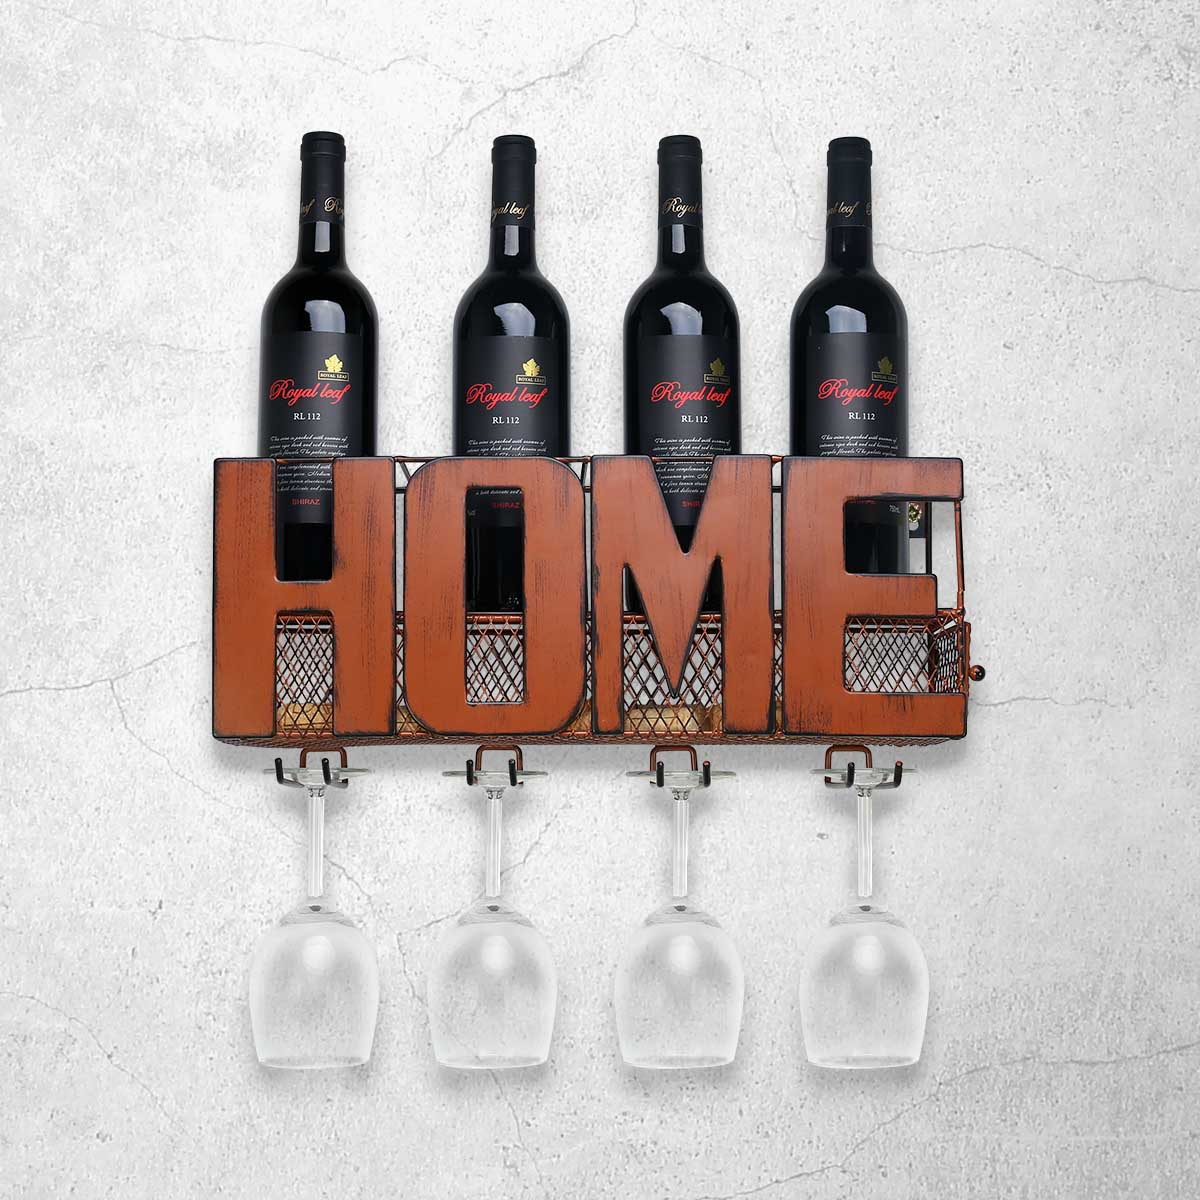 Estante de vino montado en la pared contenedor de almacenamiento de corcho soporte de vidrio con 4 encantos de vino de corcho estante de almacenamiento para el hogar Decoración de cocina vino rack-in Botelleros from Hogar y Mascotas    1